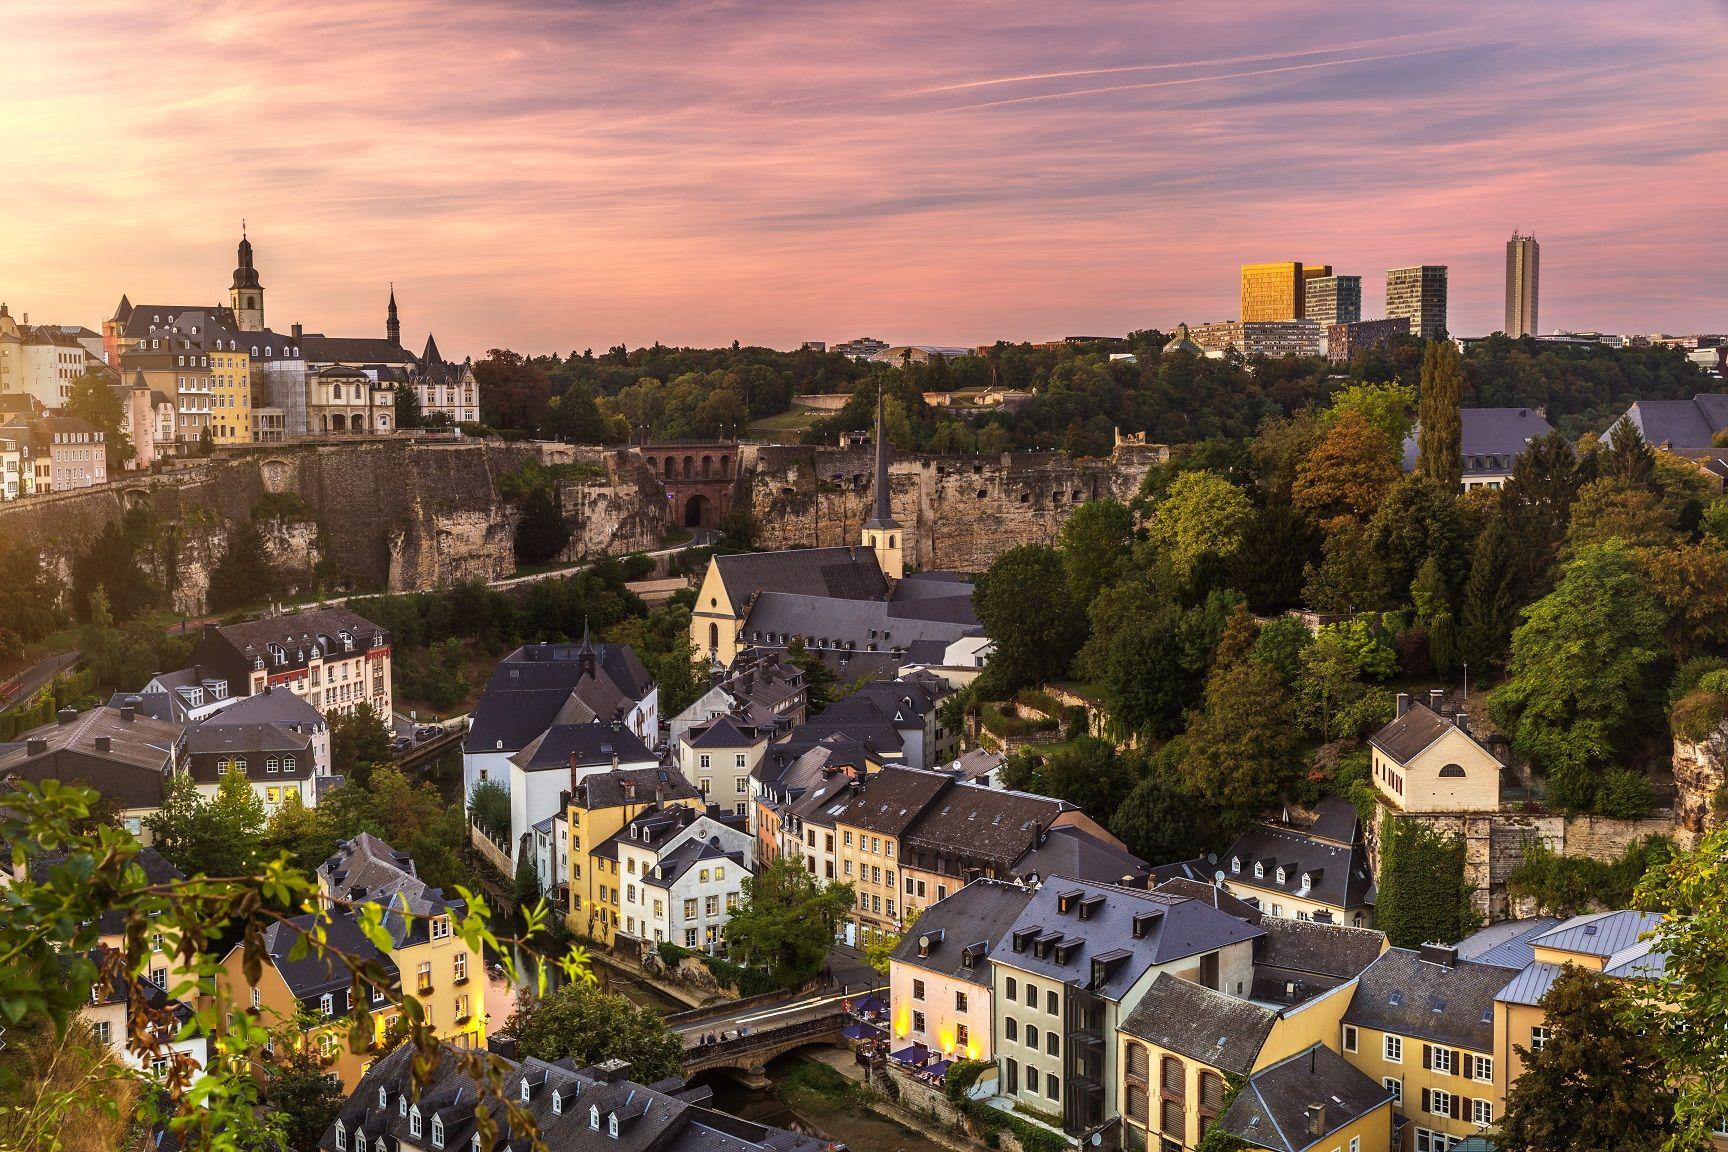 Люксембург изменил налоговое соглашение с Грузией на основании MLI конвенции